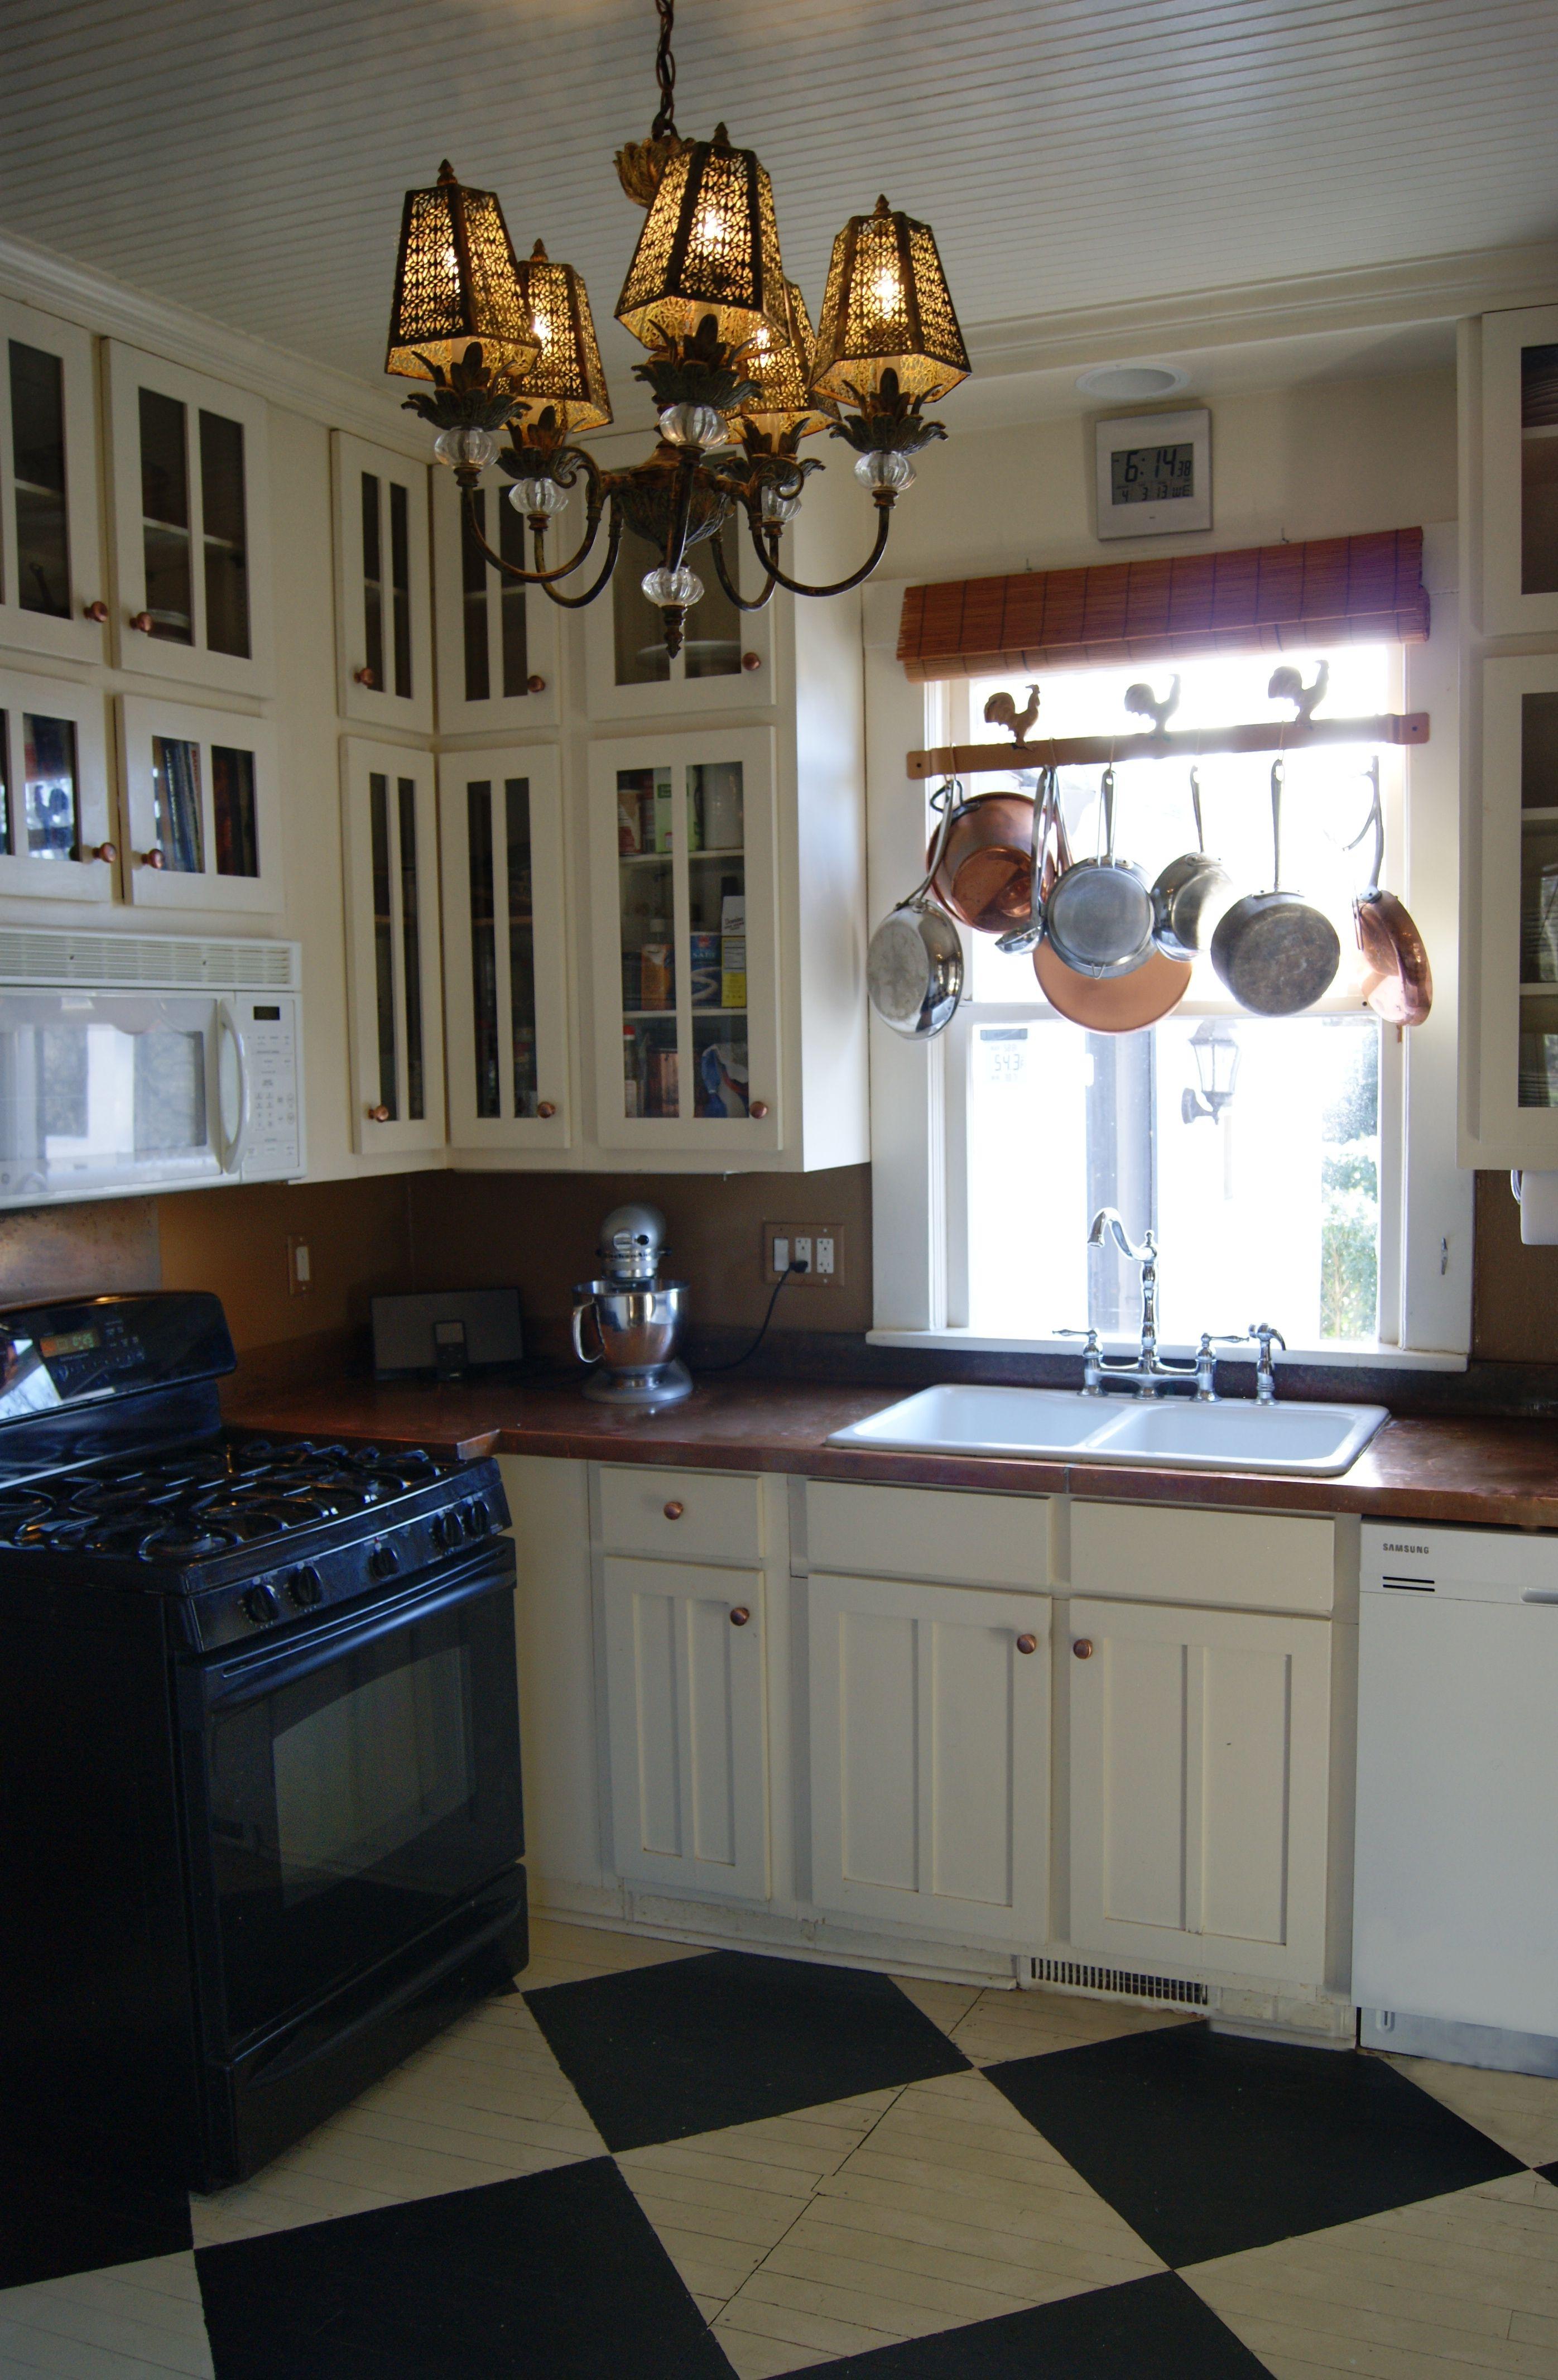 Muralo Nougat D1001 High Gloss Gloss Linen White Cabinets Black